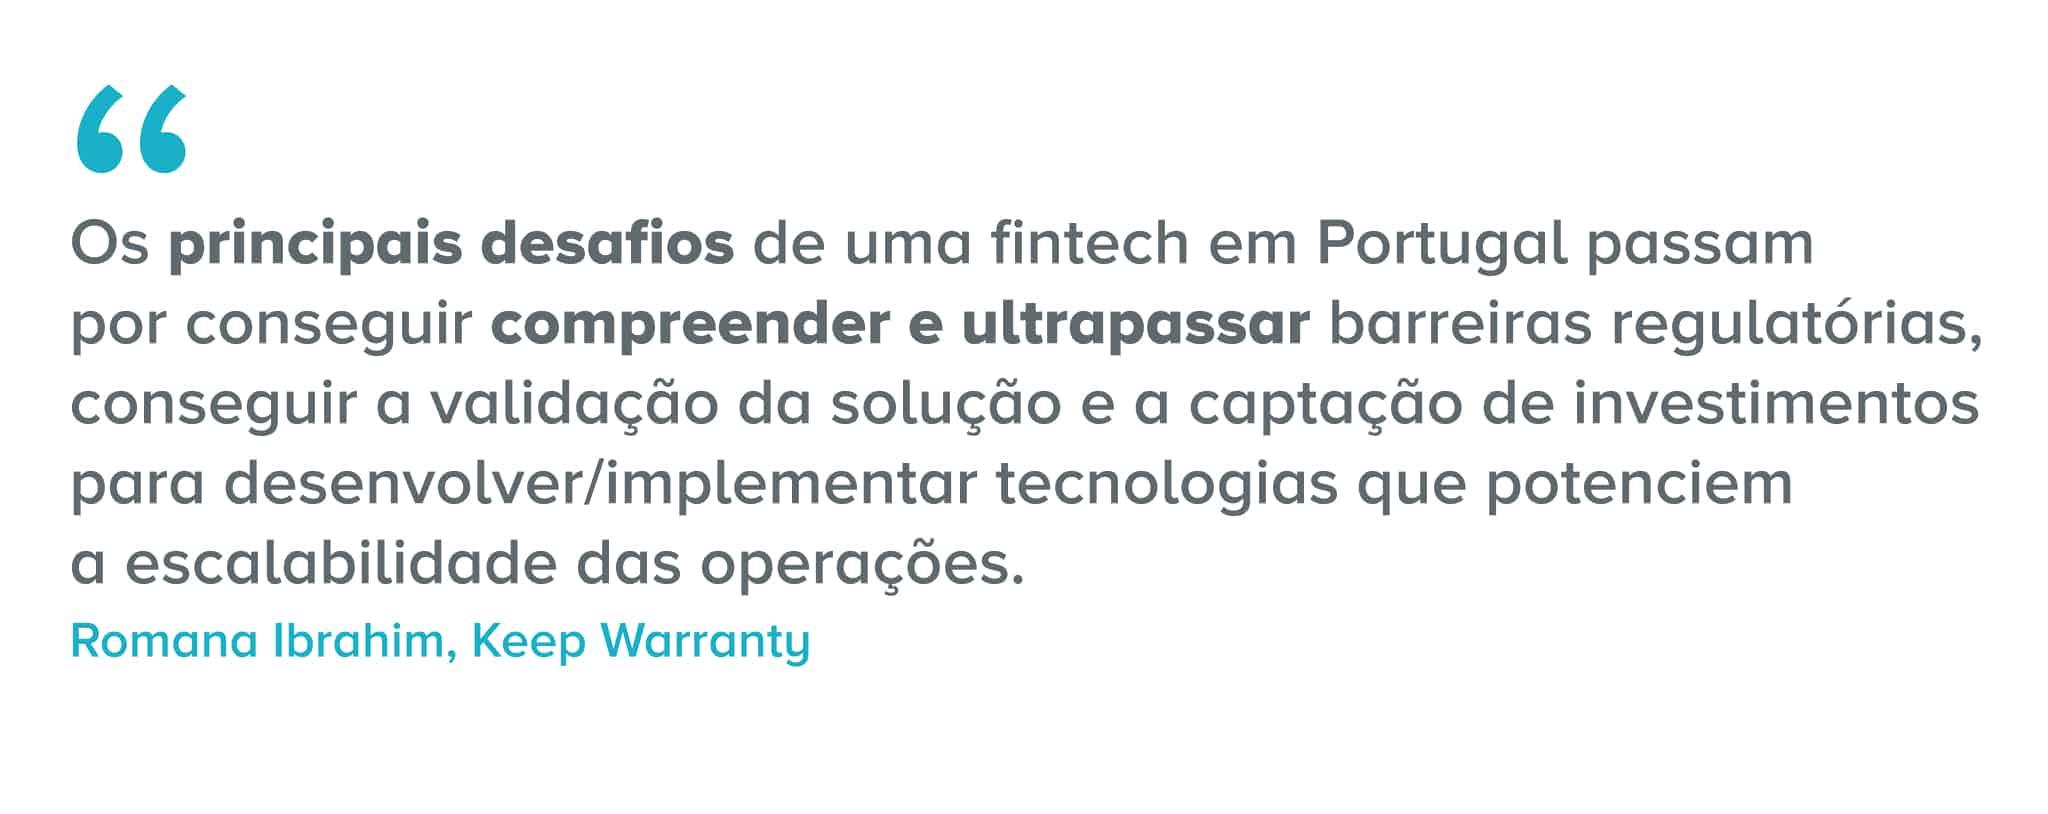 Citação: Os principais desafios de uma fintech em Portugal passam por conseguir compreender e ultrapassar barreiras regulatórias, conseguir a validação da solução e a captação de investimentos para desenvolver/implementar tecnologias que potenciem a escalabilidade das operações.